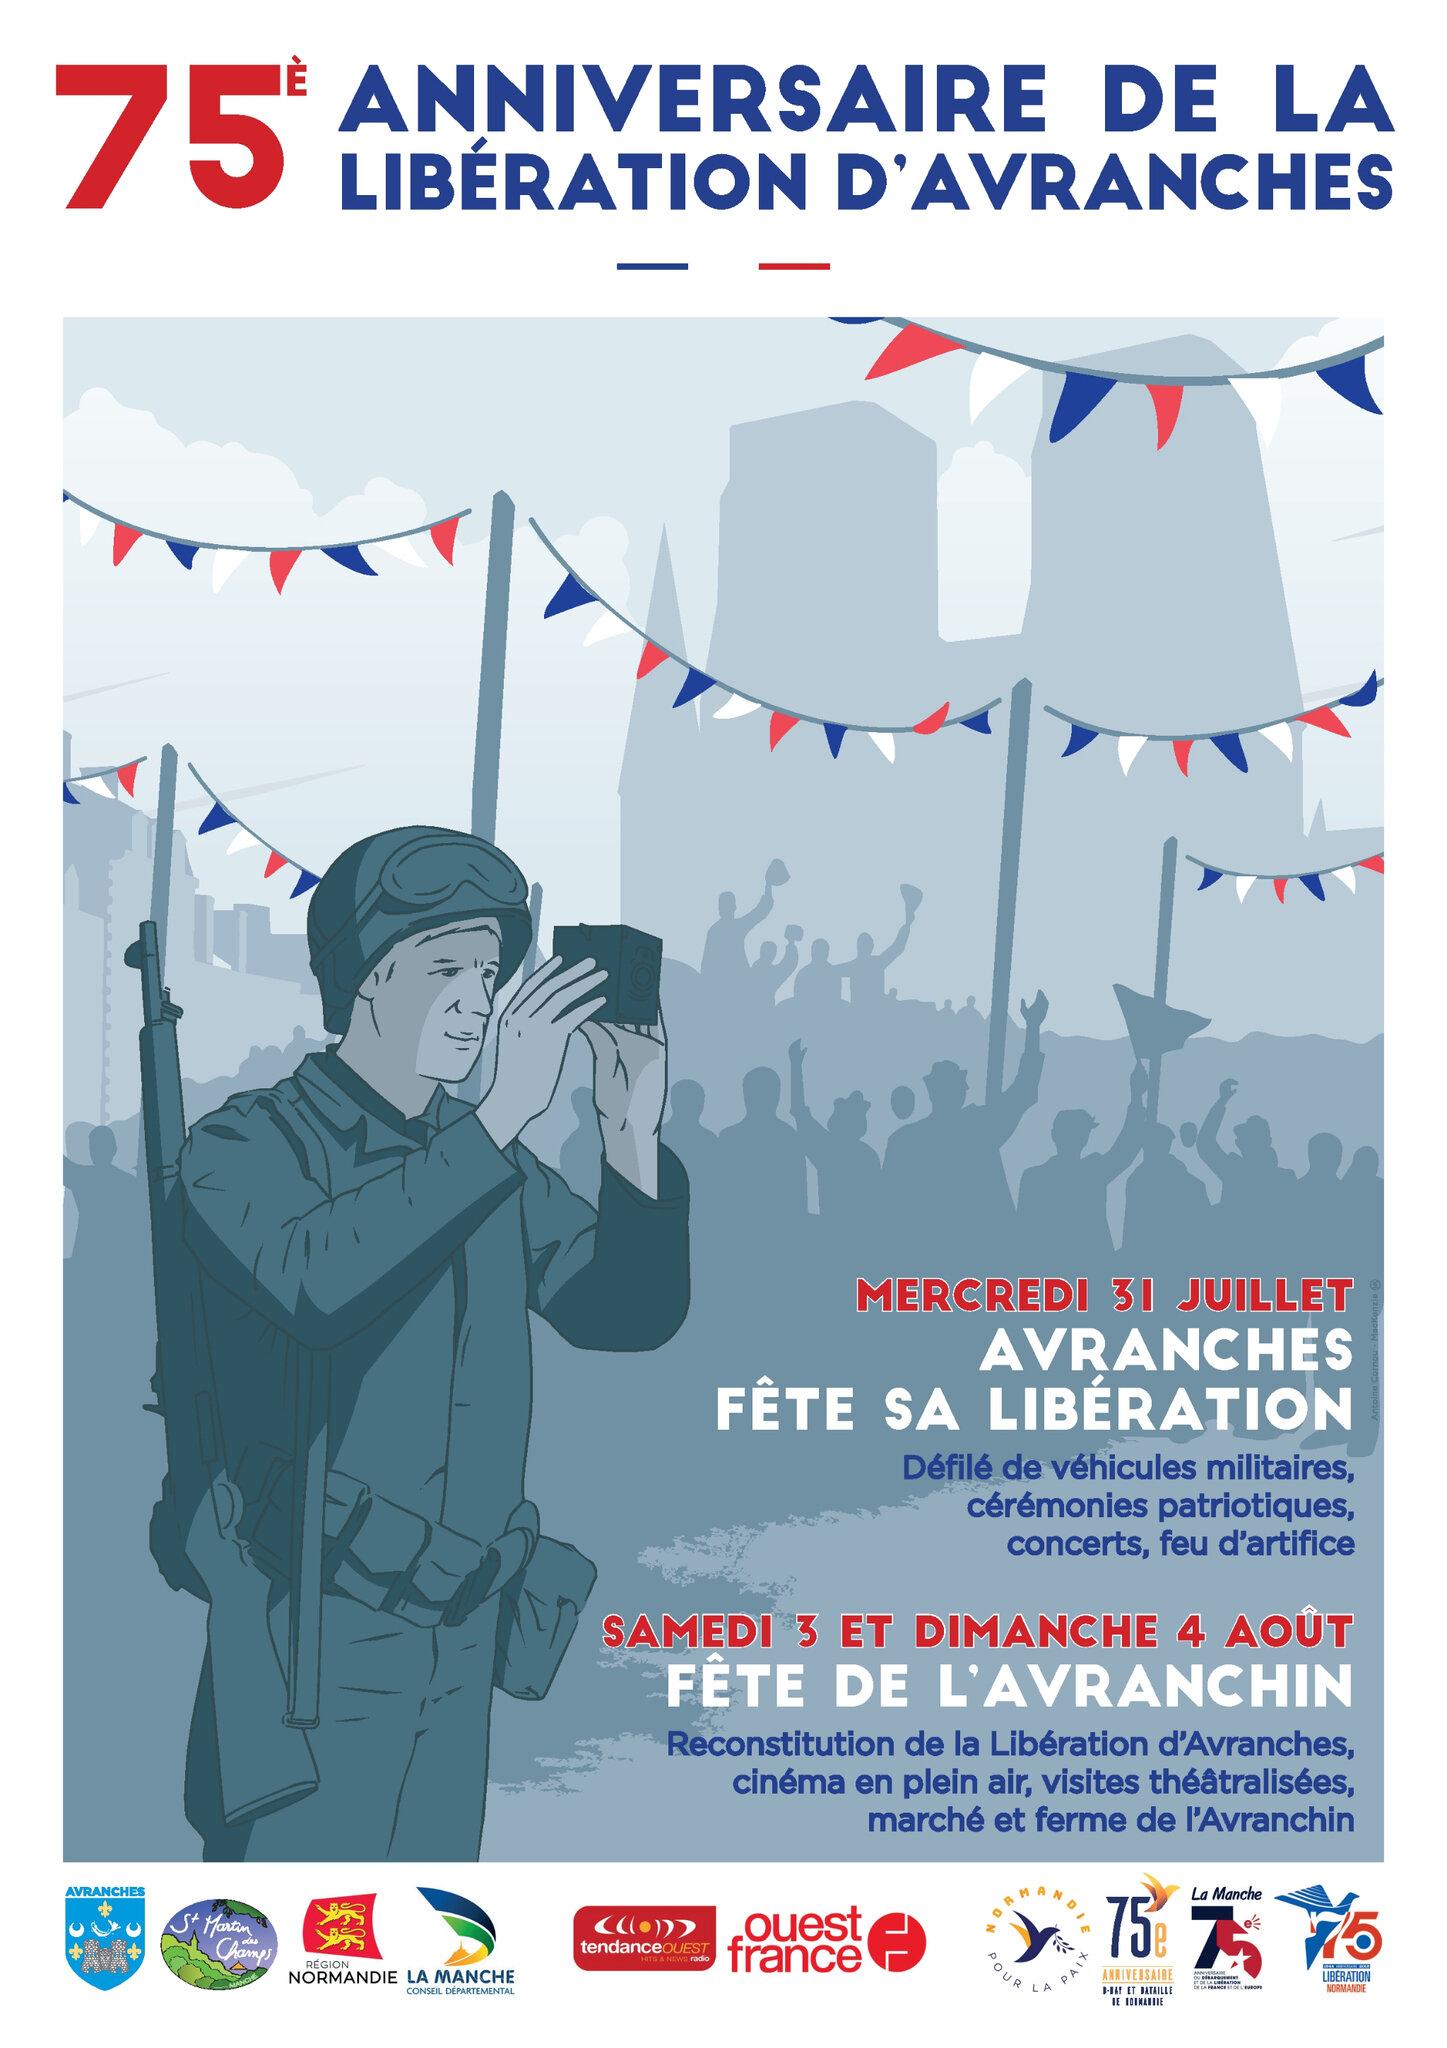 Avranches célèbre le 75ème anniversaire de sa libération - mercredi 31 juillet 2019 et la Fête de l'Avranchin - WE 3/4 août 2019